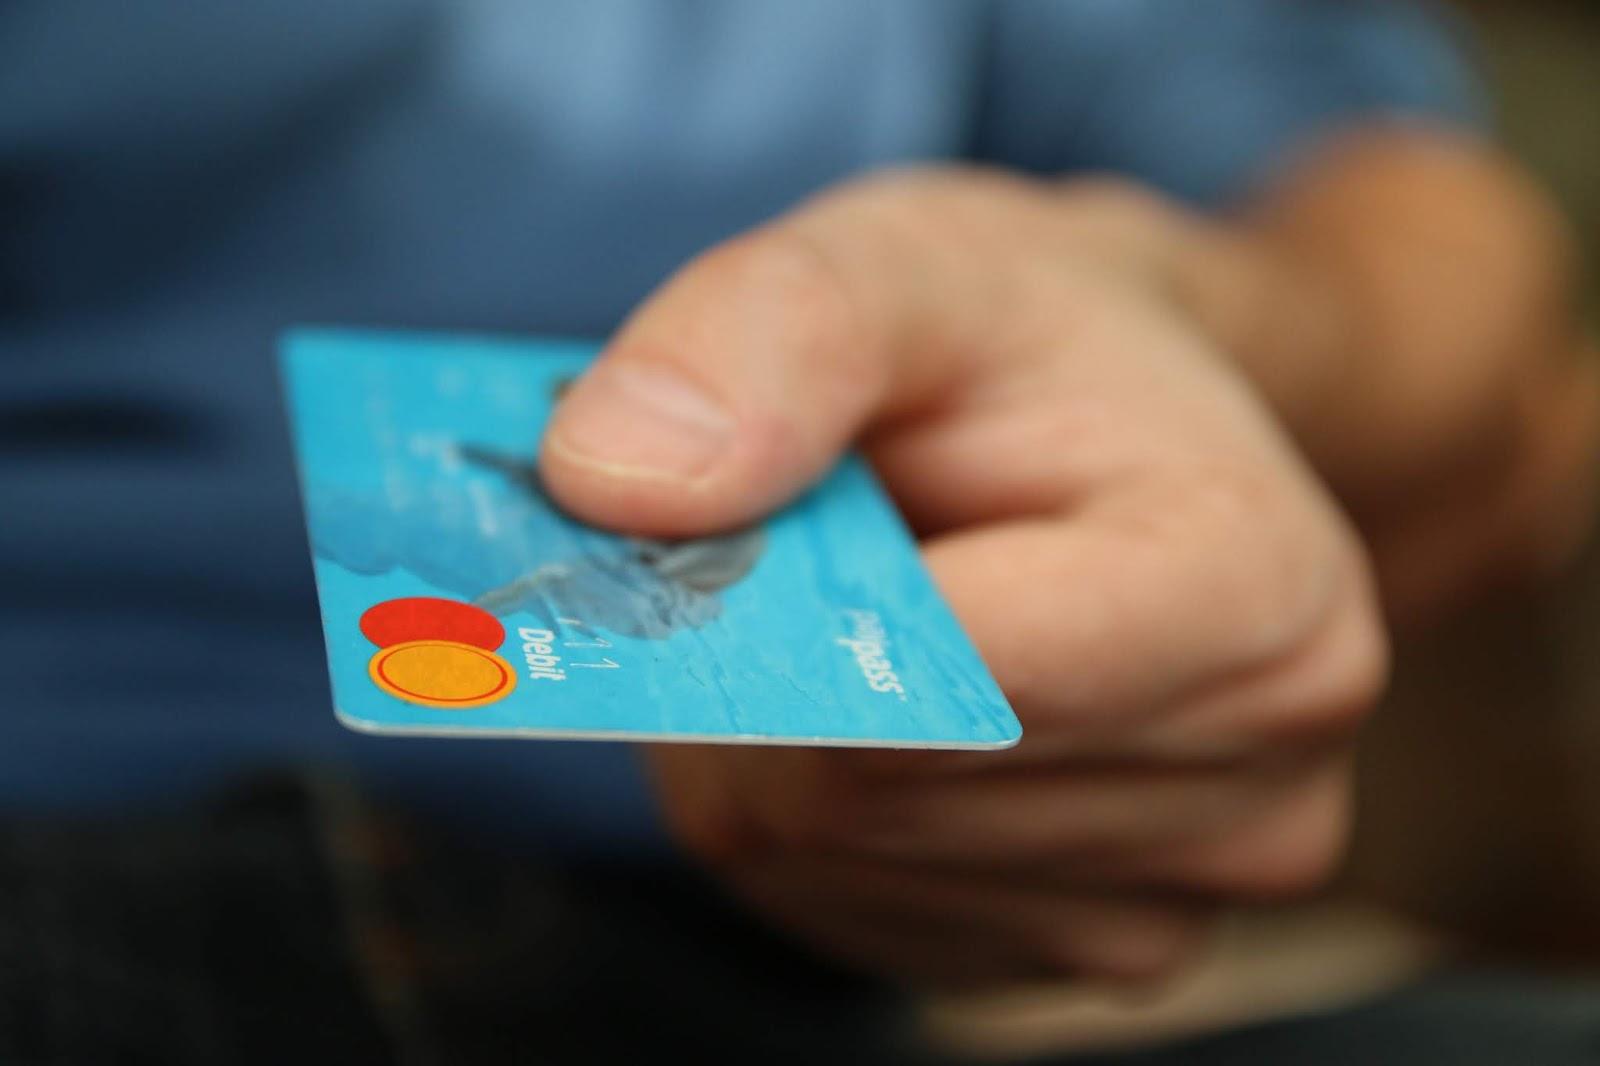 cara belanja online cicilan tanpa kartu kredit